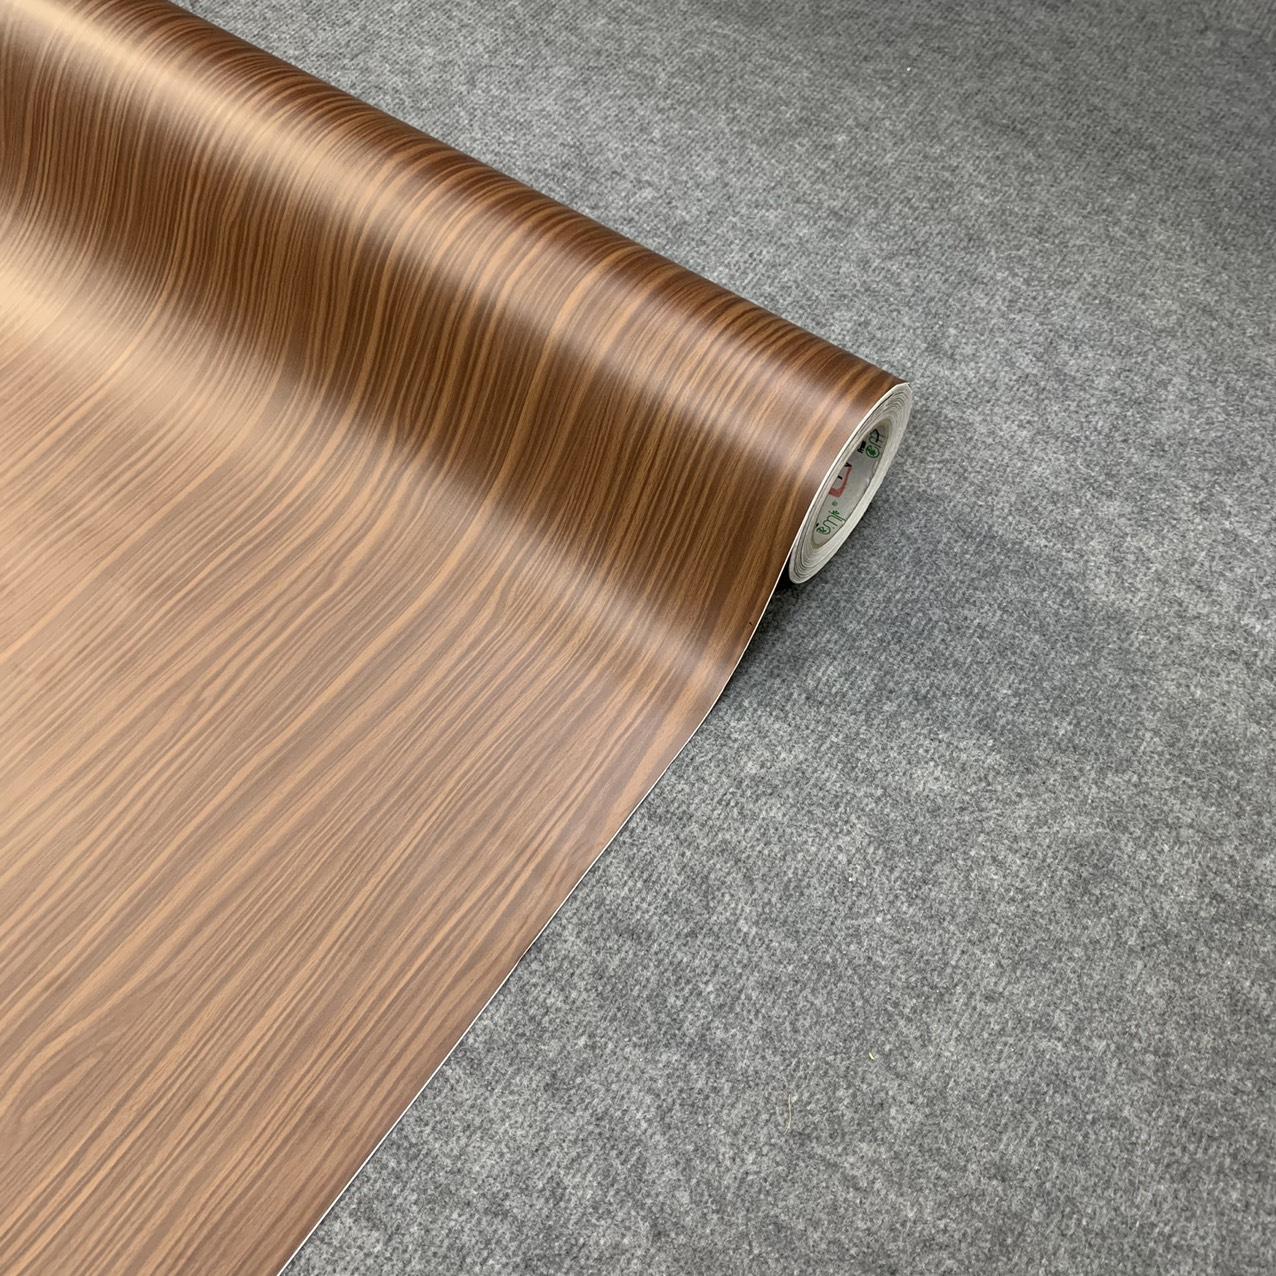 Decal gỗ màu nâu đậm vân ngang - Giấy dán tường bàn tủ có sẵn keo ( khổ 1,2m - Mẫu G11 )